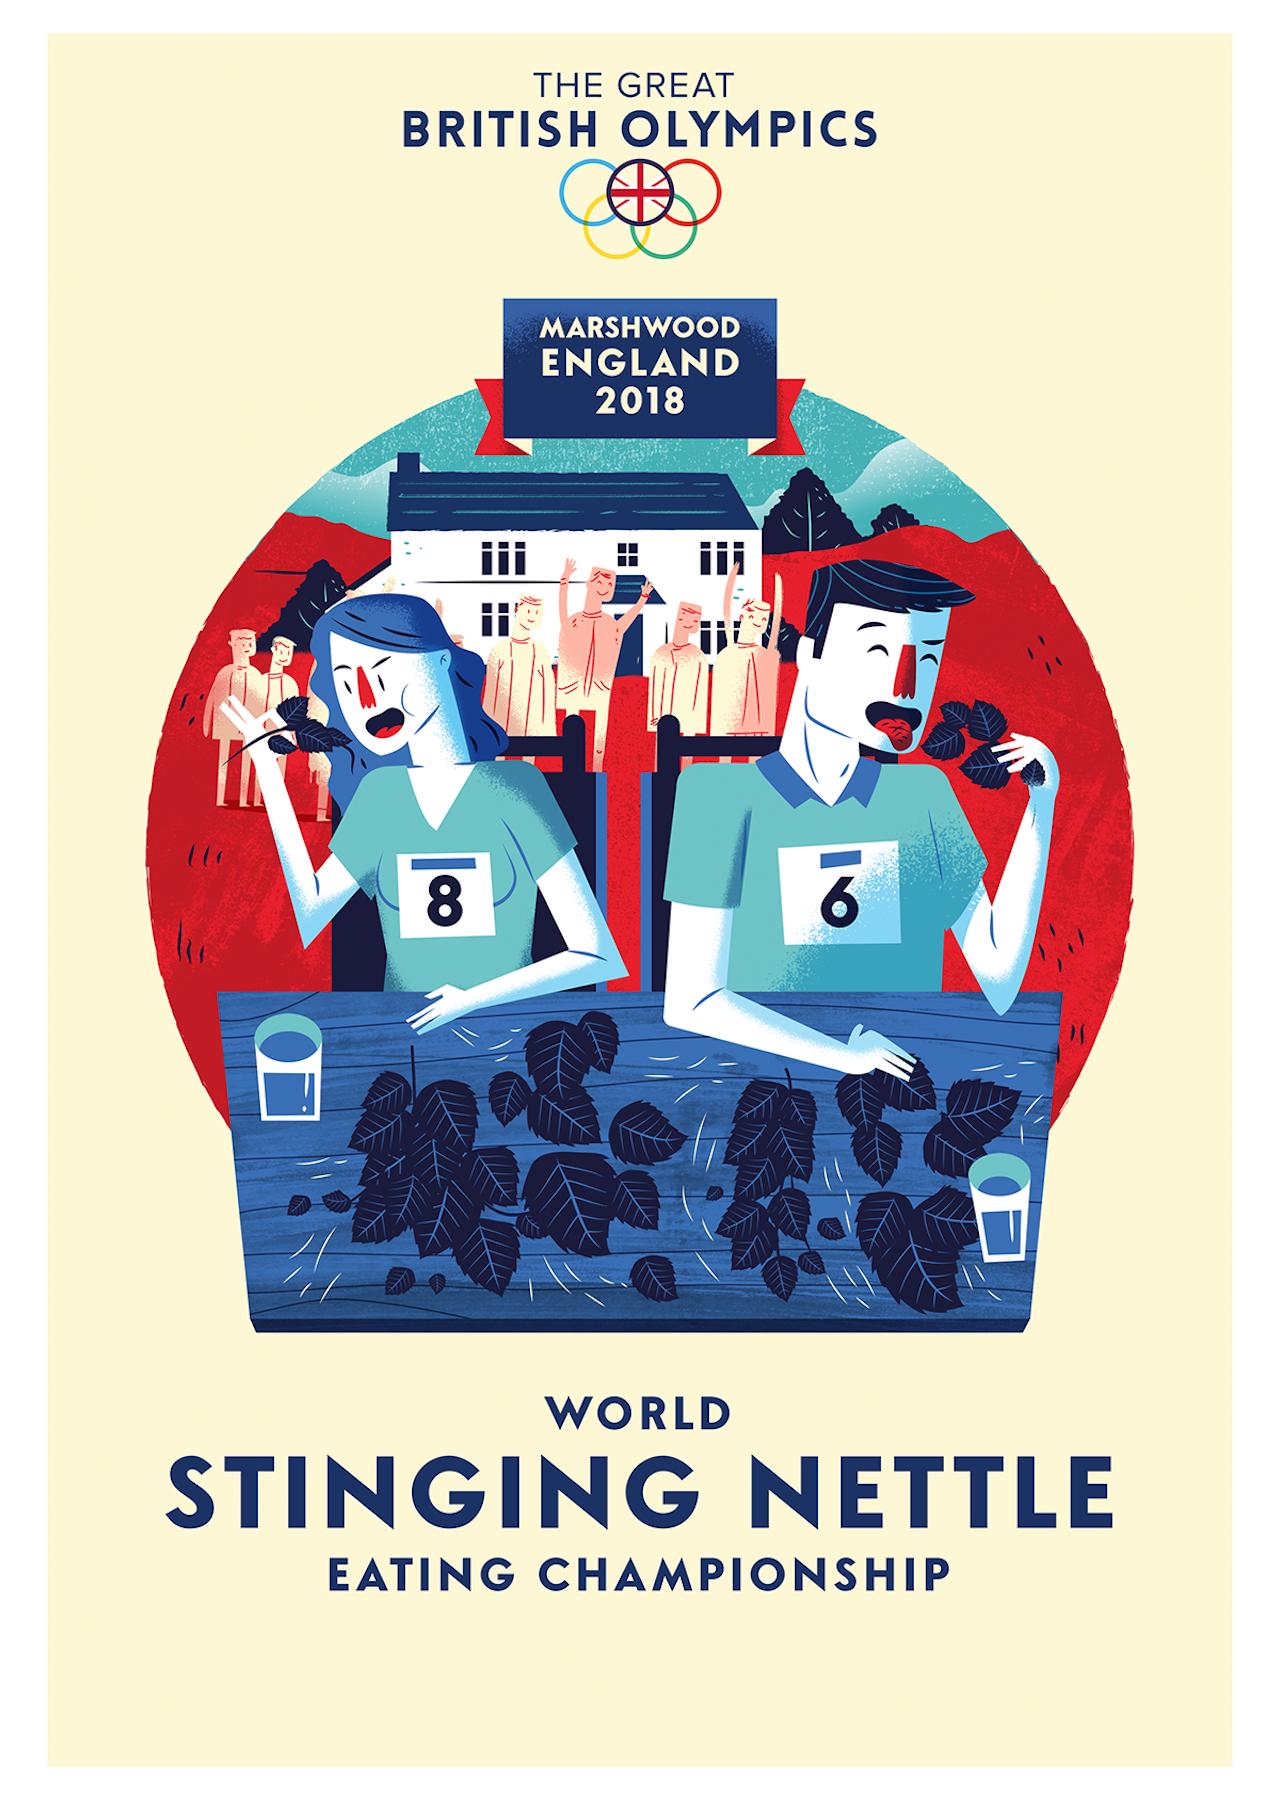 British Olympics_12 Stinging Nettle